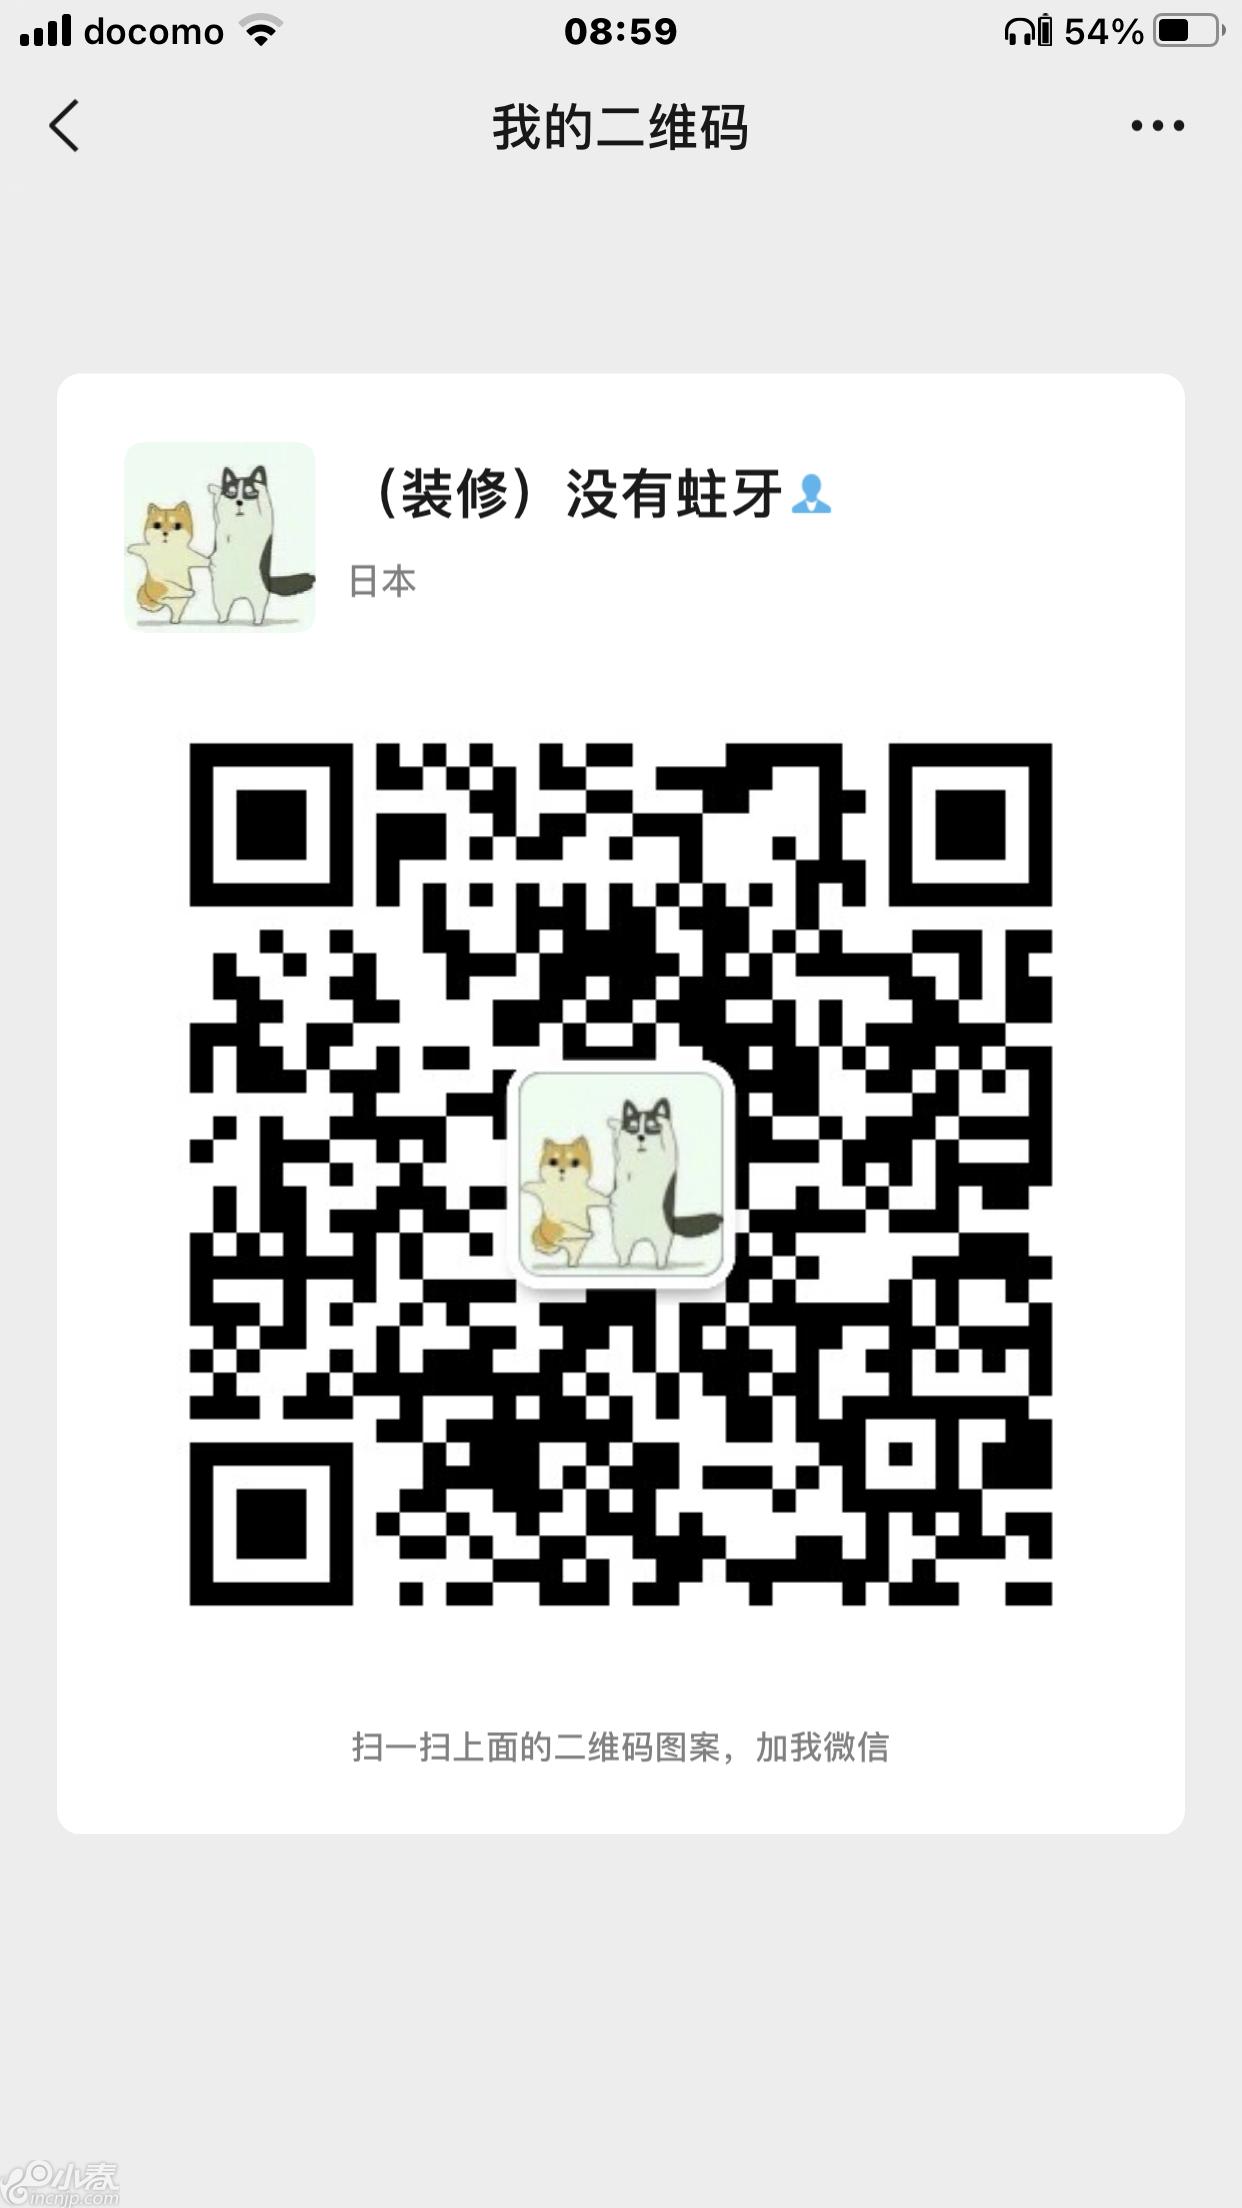 AA676756-5F53-4292-BB86-E6A949FEA72D.png